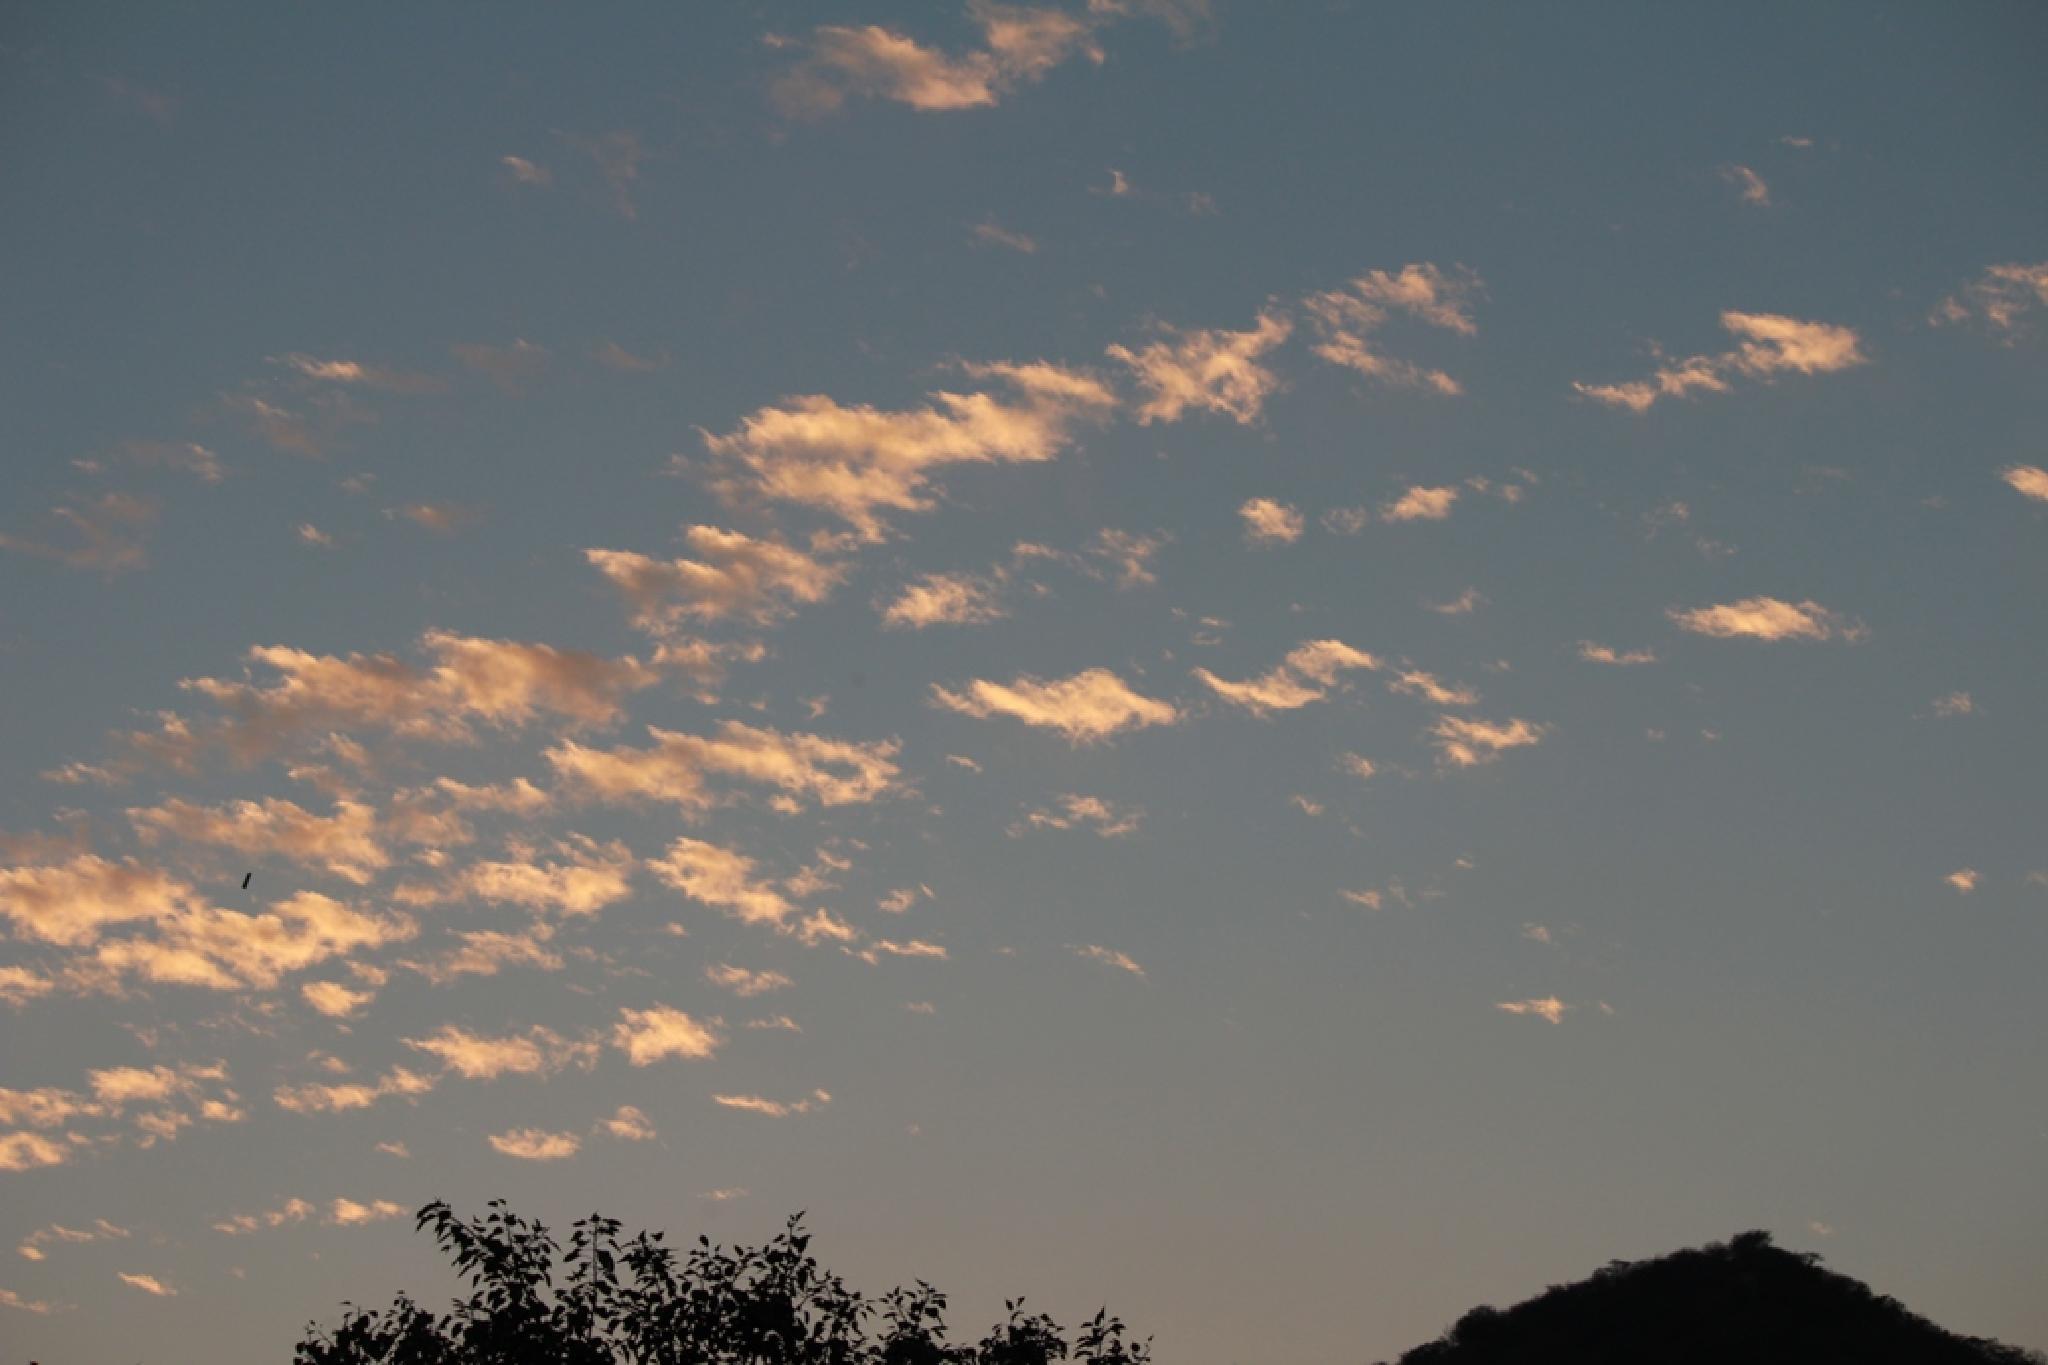 SKY by Piyush R. Sharma